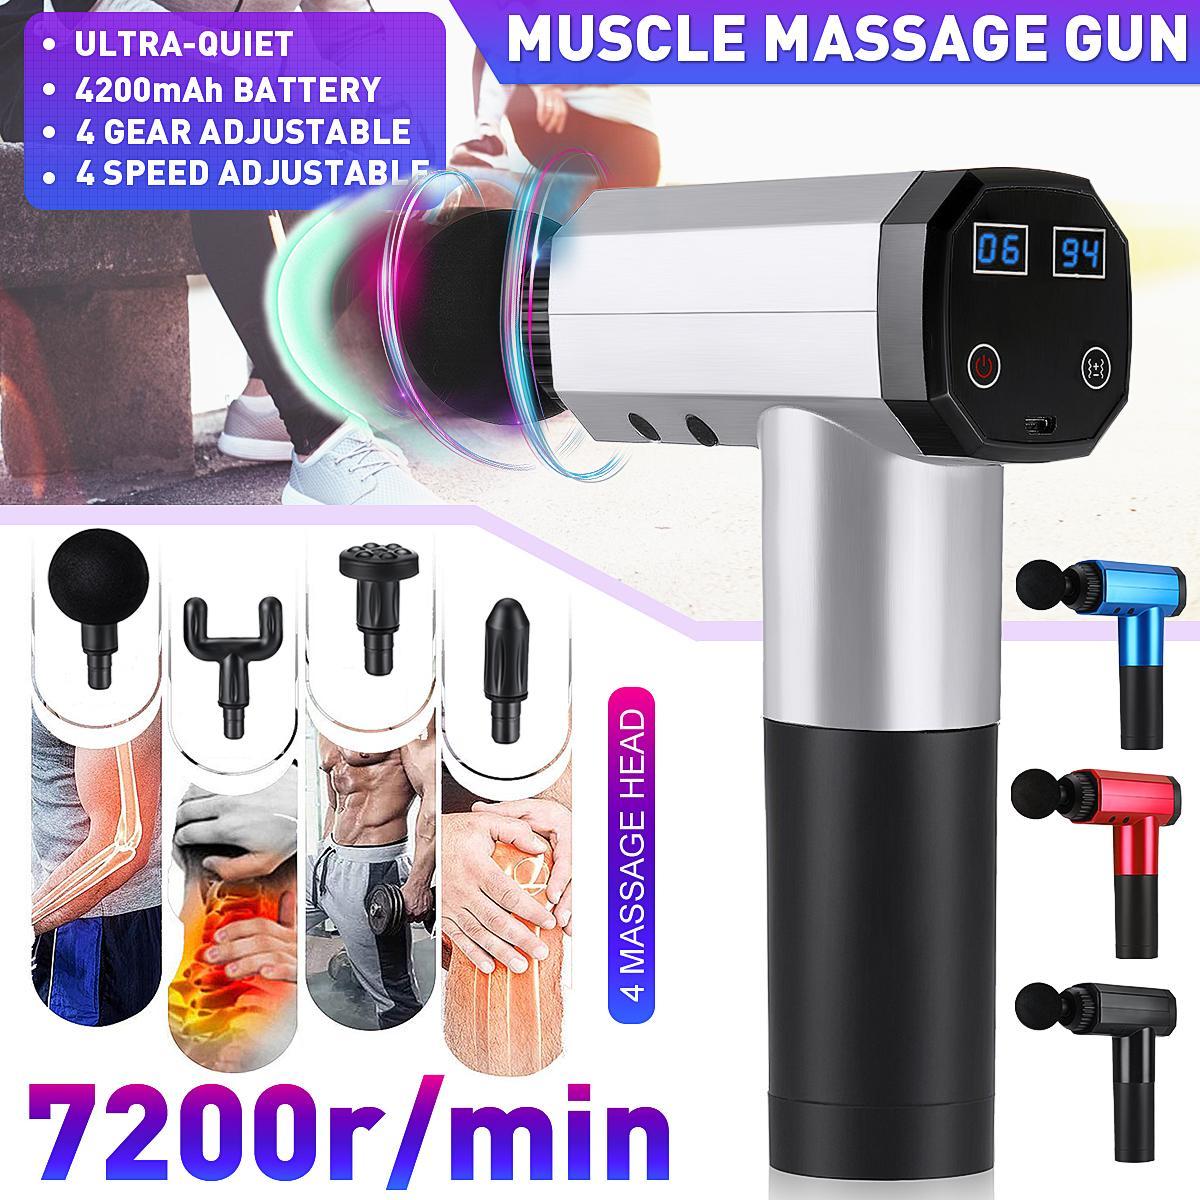 7200r / min Faszie Pistole w / 4 mute Touchscreen-Taste elektrische Massagetherapie Membran Kette tiefe Wirkung Entspannungsschwingungs masseur